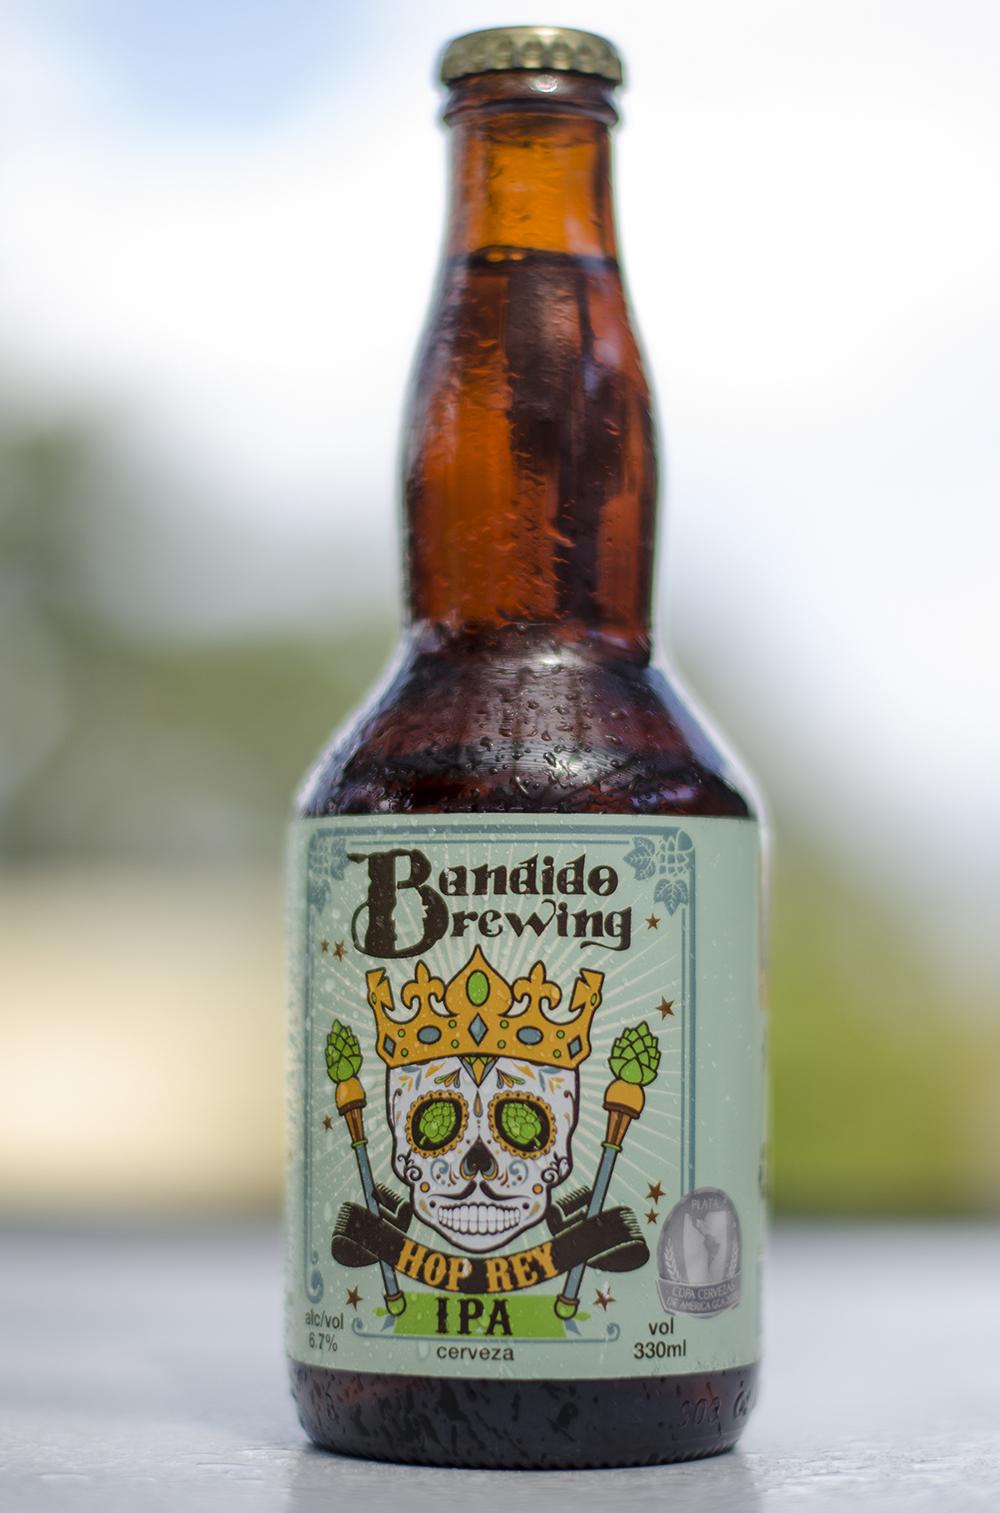 Bandido Brewing  - La Hop Rey  IPA  6,7%